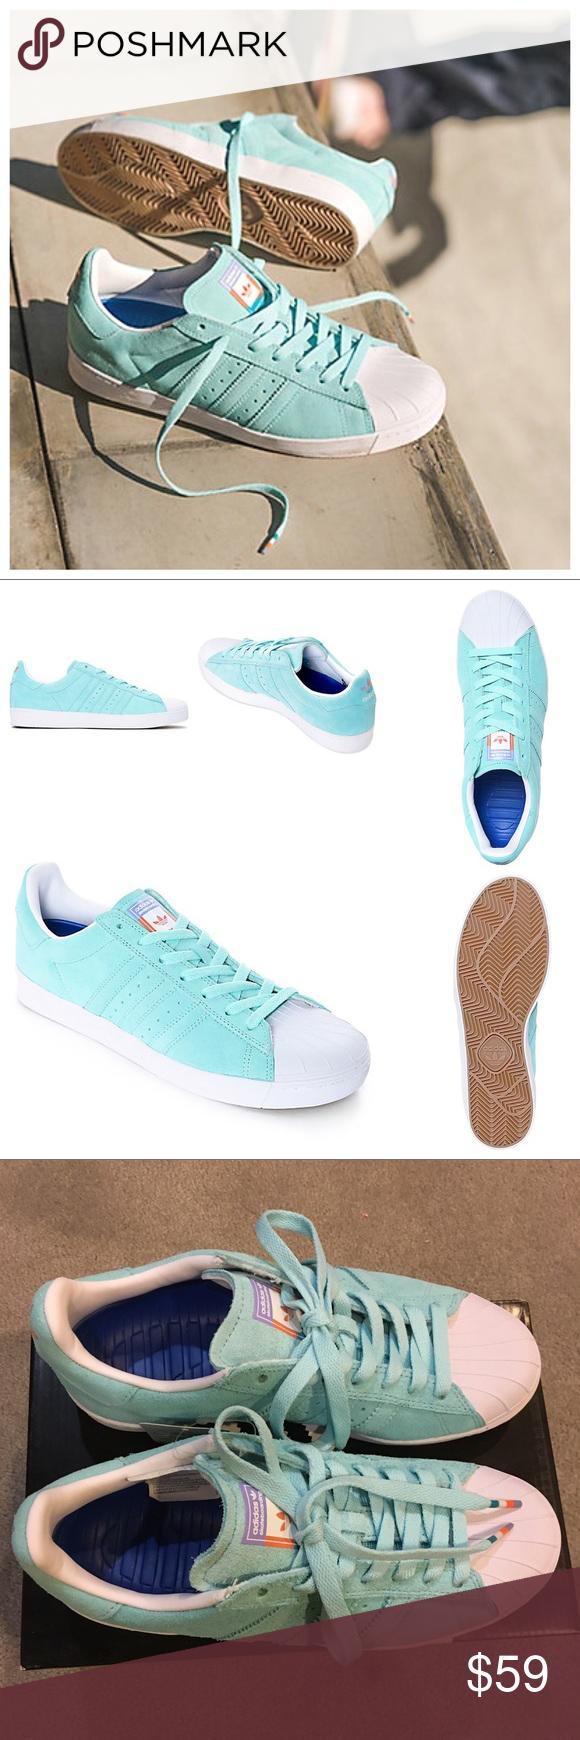 Adidas Superstar Pastel Blue Adidas Superstar Vulc ADV